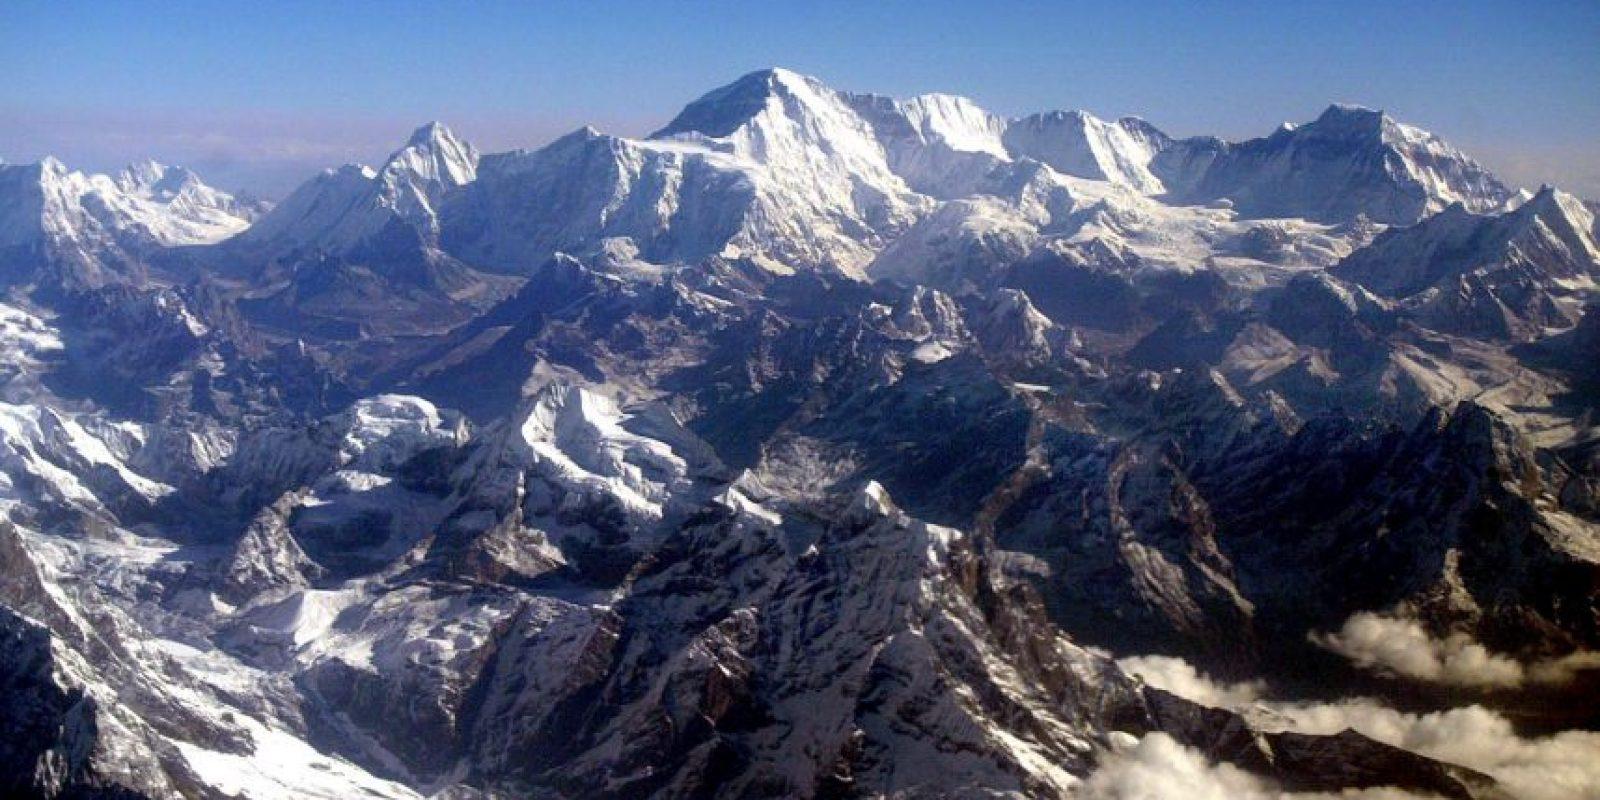 El monte Everest se desplazó tres centímetros al suroeste a casusa del terremoto de Nepal. Foto:Getty Images